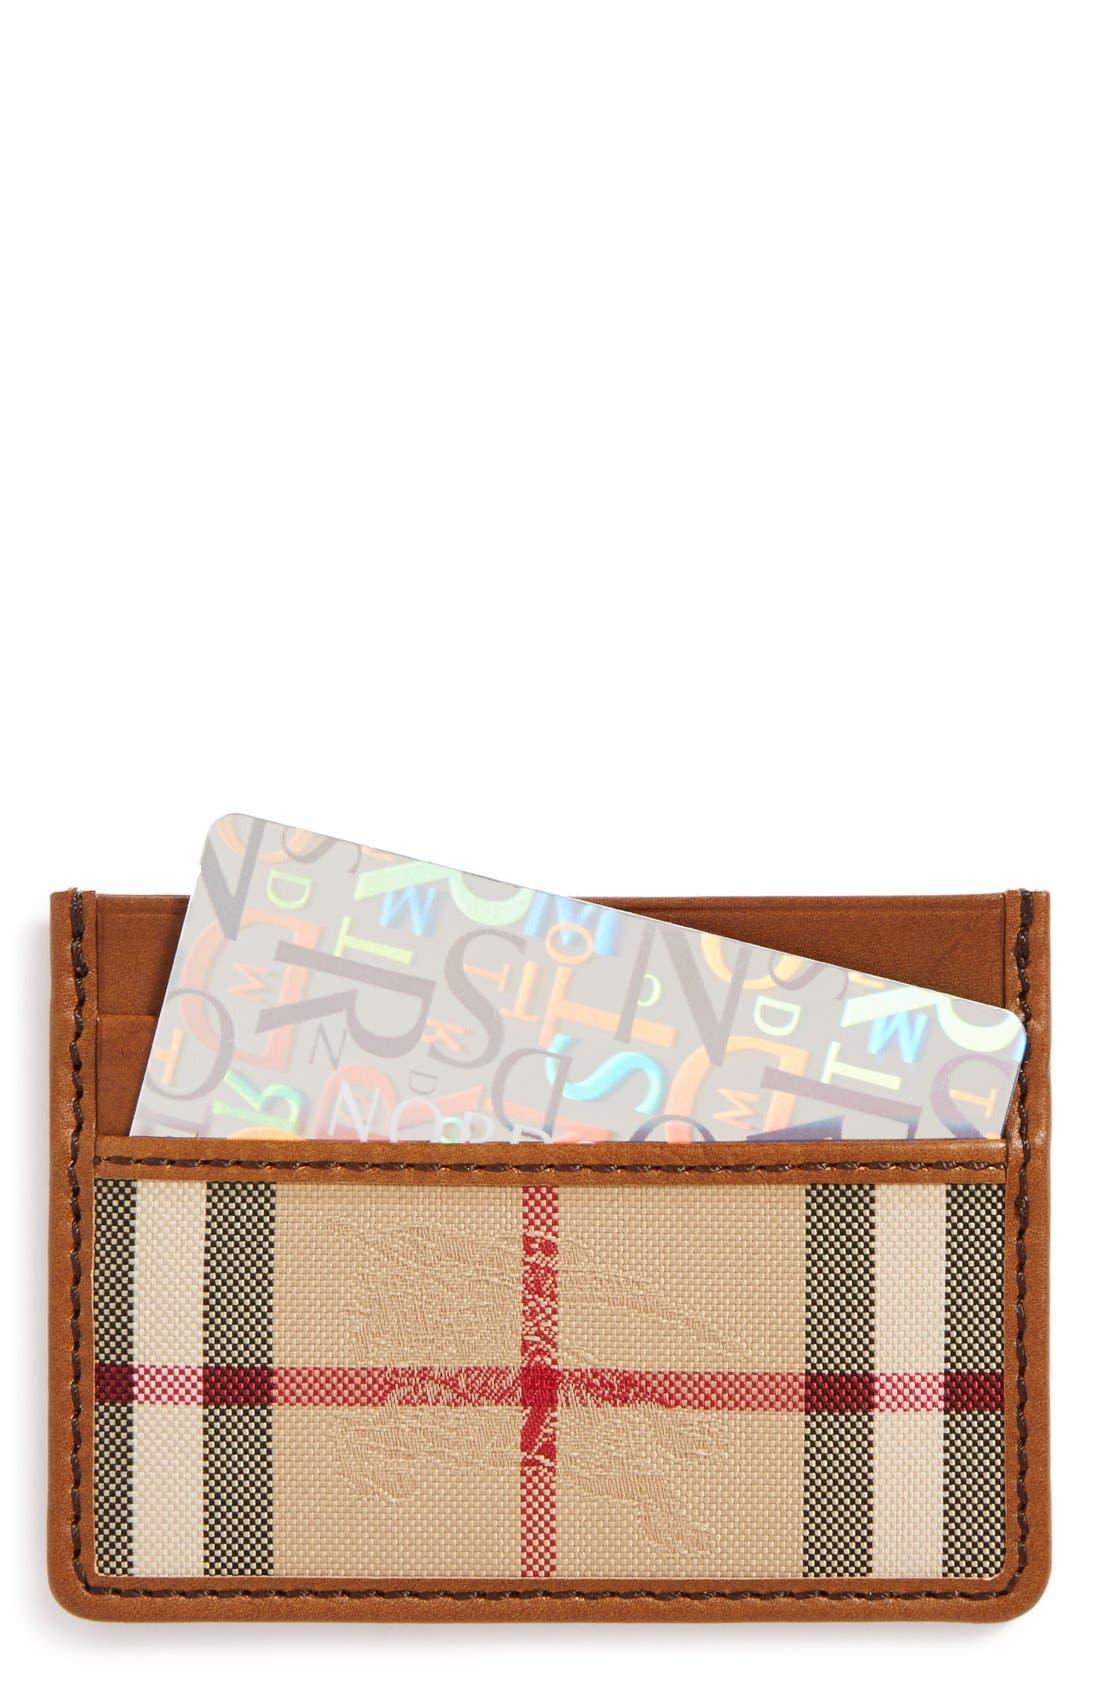 Sandon Horseferry Check Card Case,                         Main,                         color, Tan